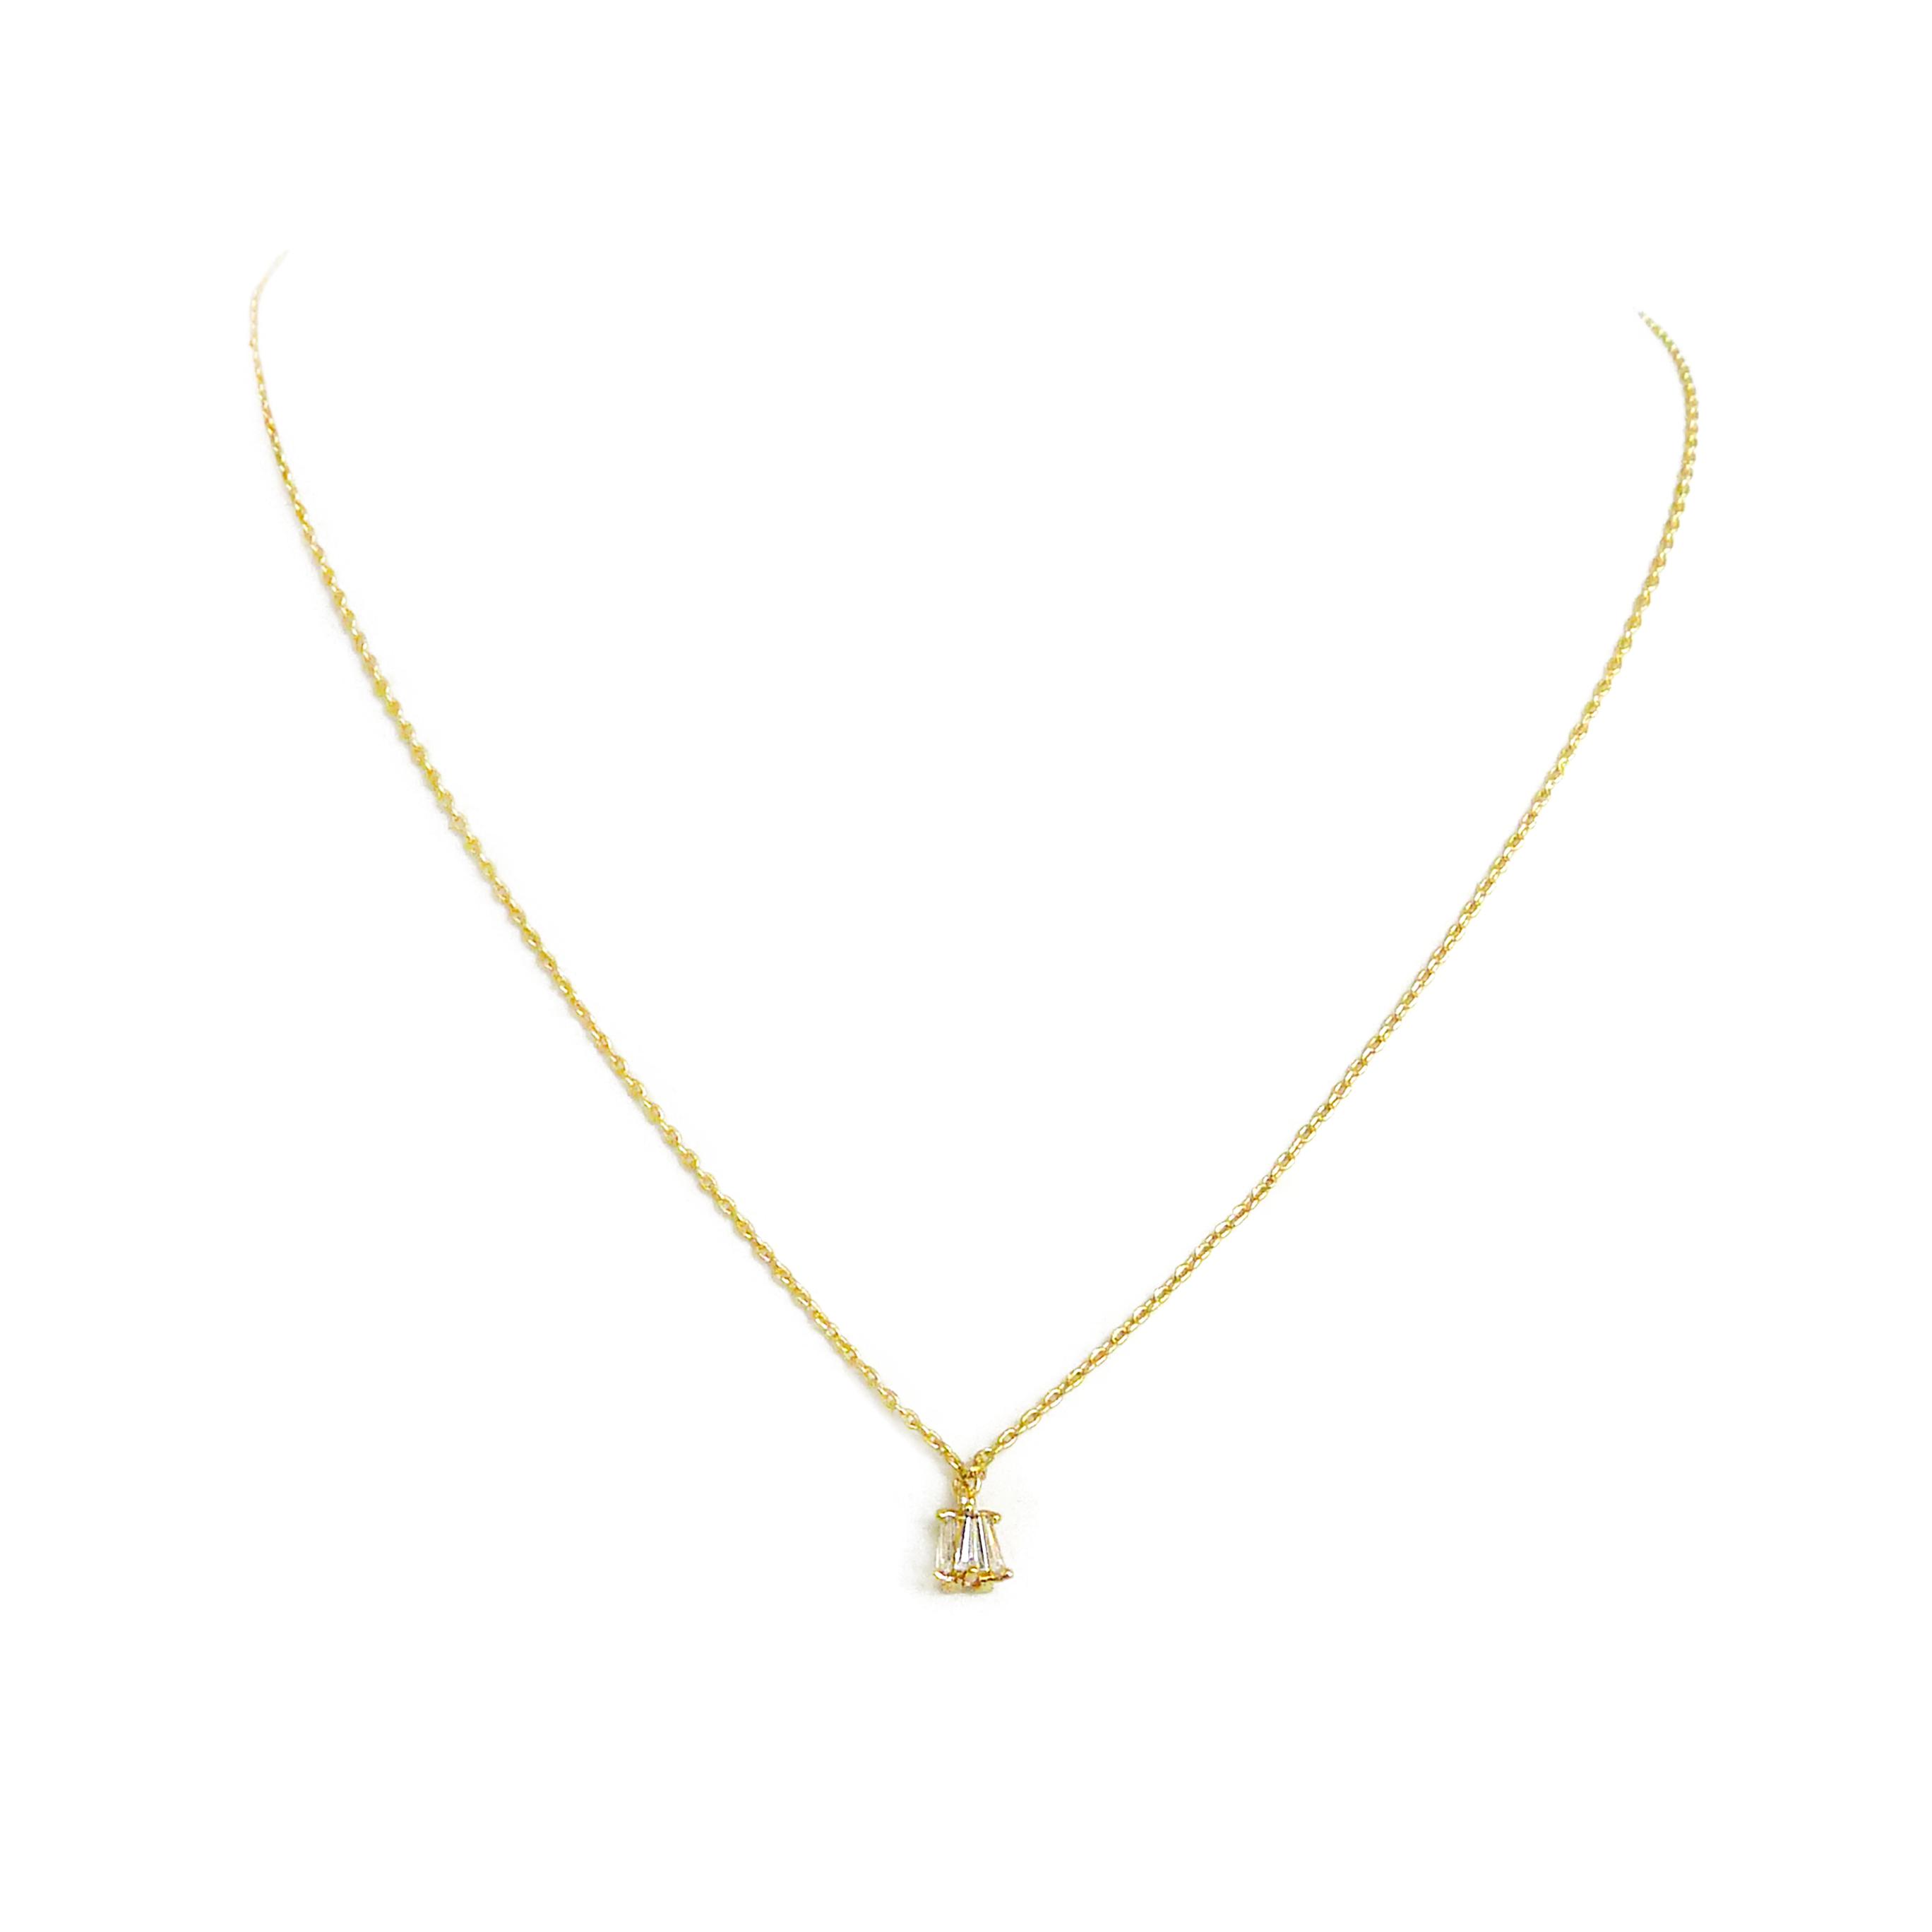 優雅鋯石款 – 浪漫 – 項鍊